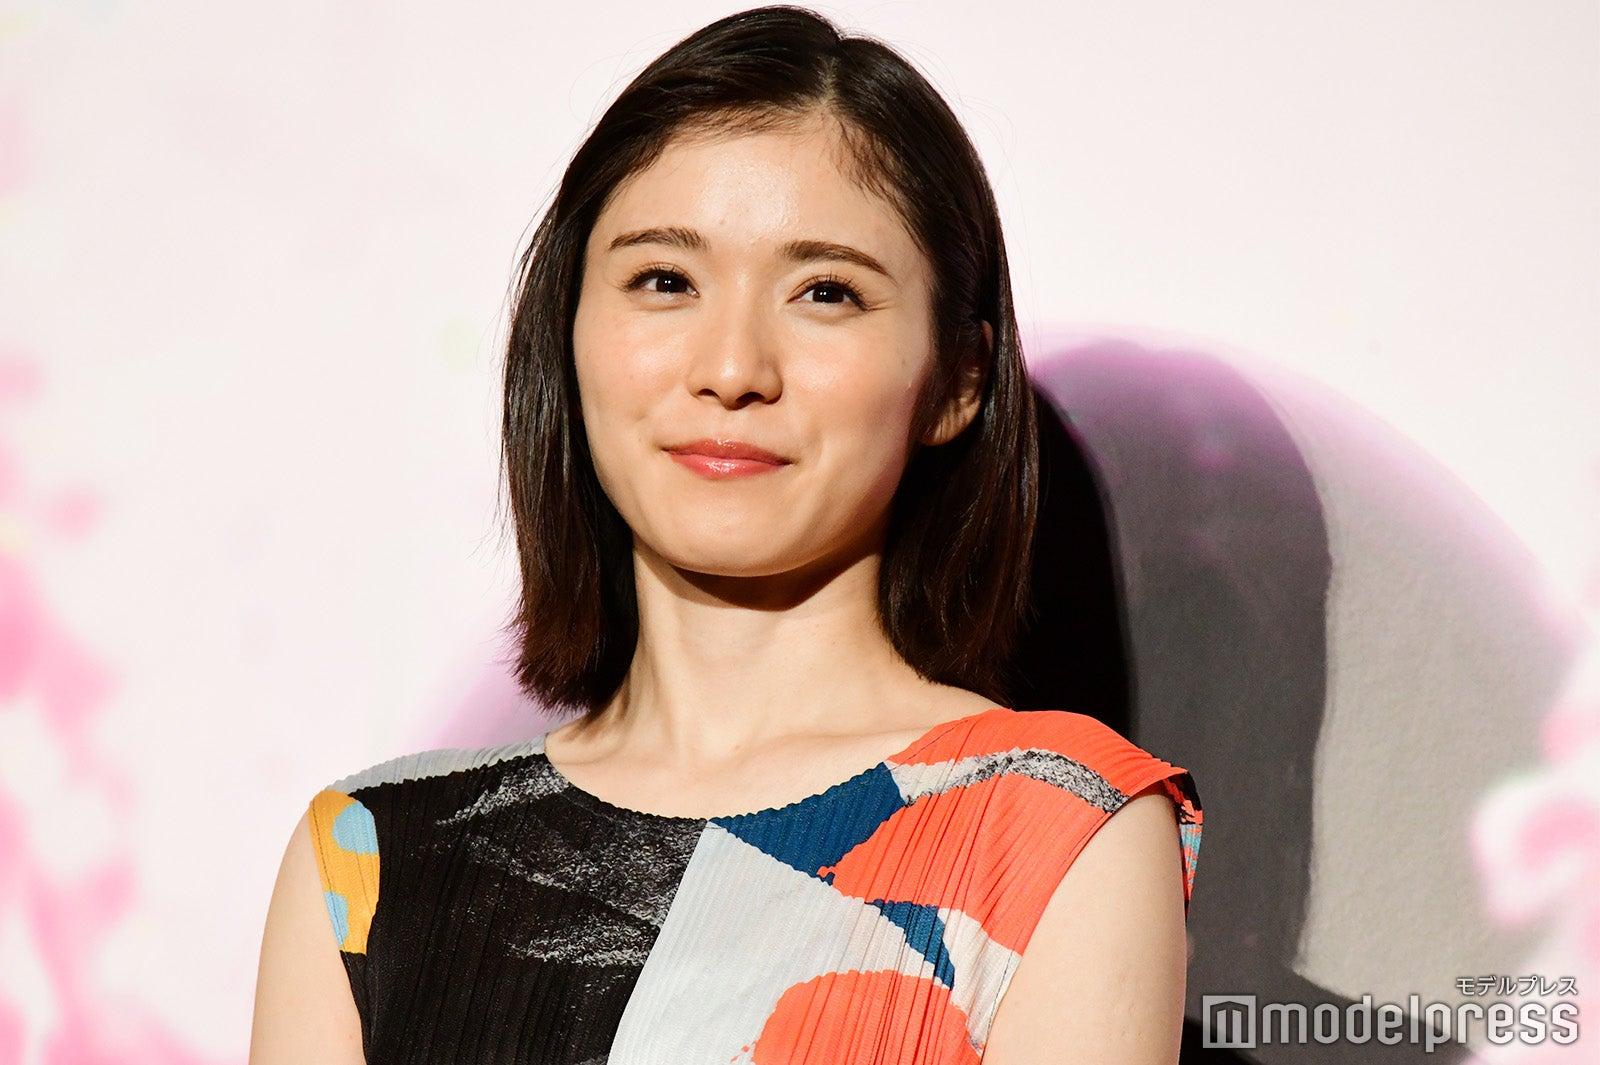 松岡茉優、JK時代写真公開 同級生・朝日奈央との2ショットに反響